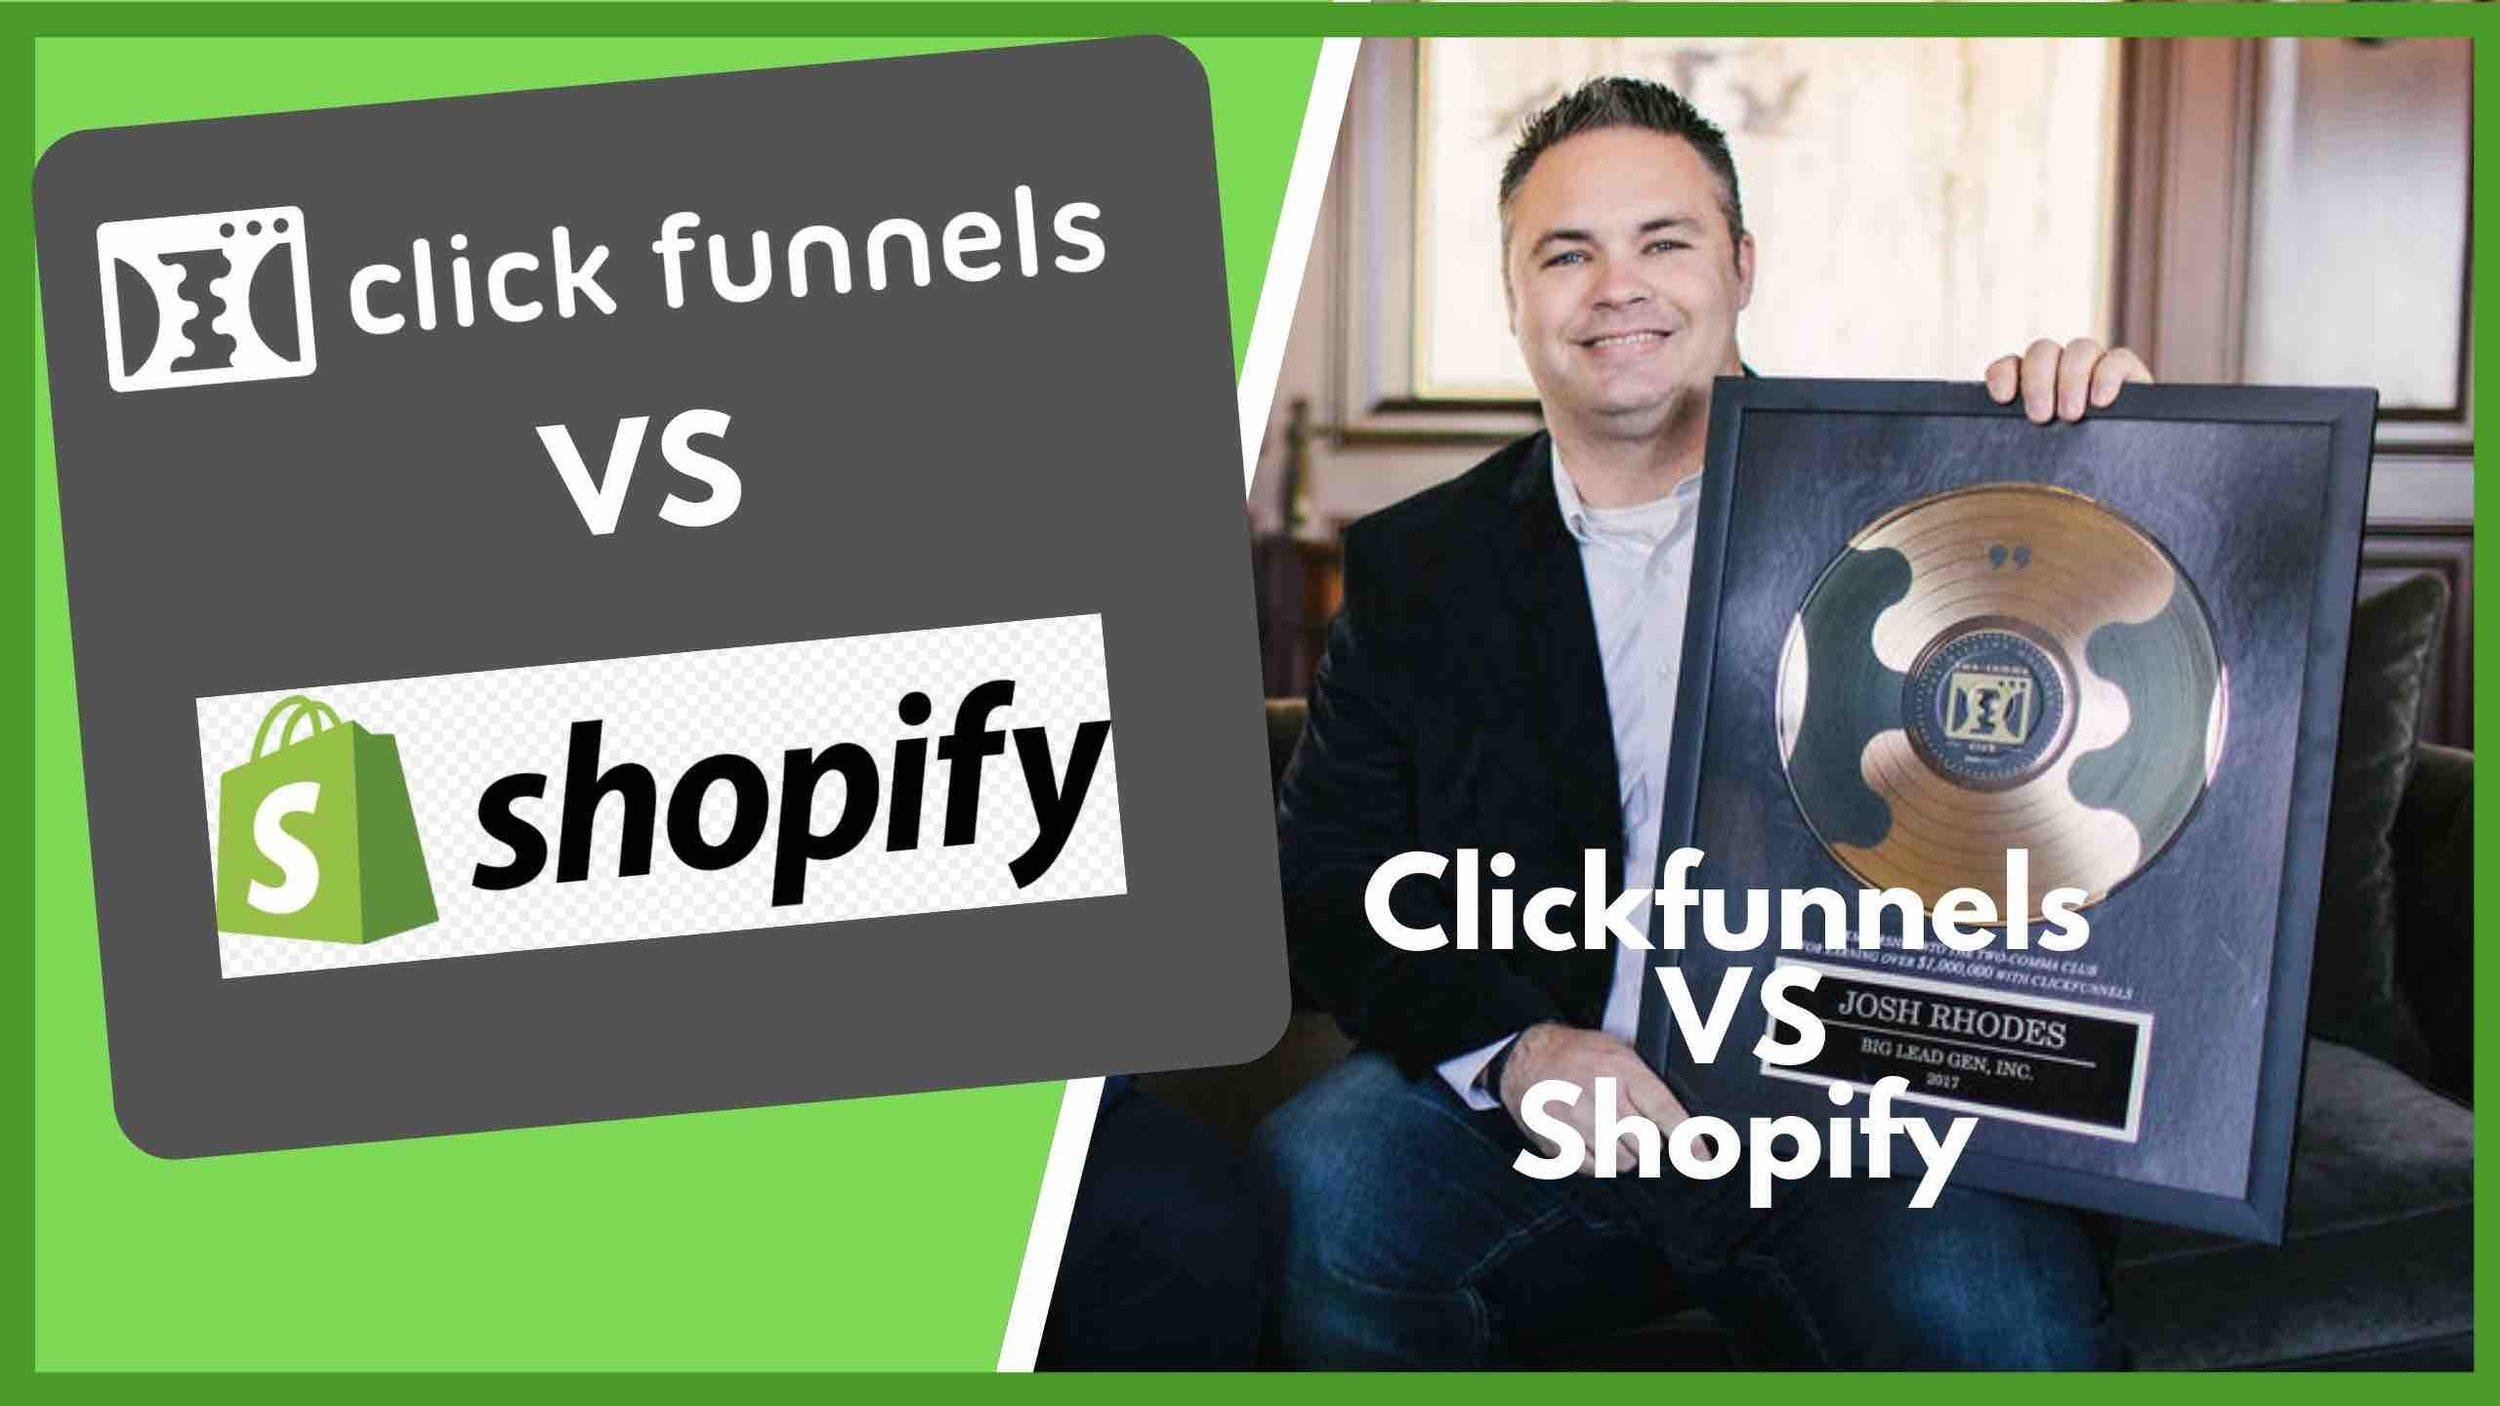 clickfunnels vs shopify.jpg